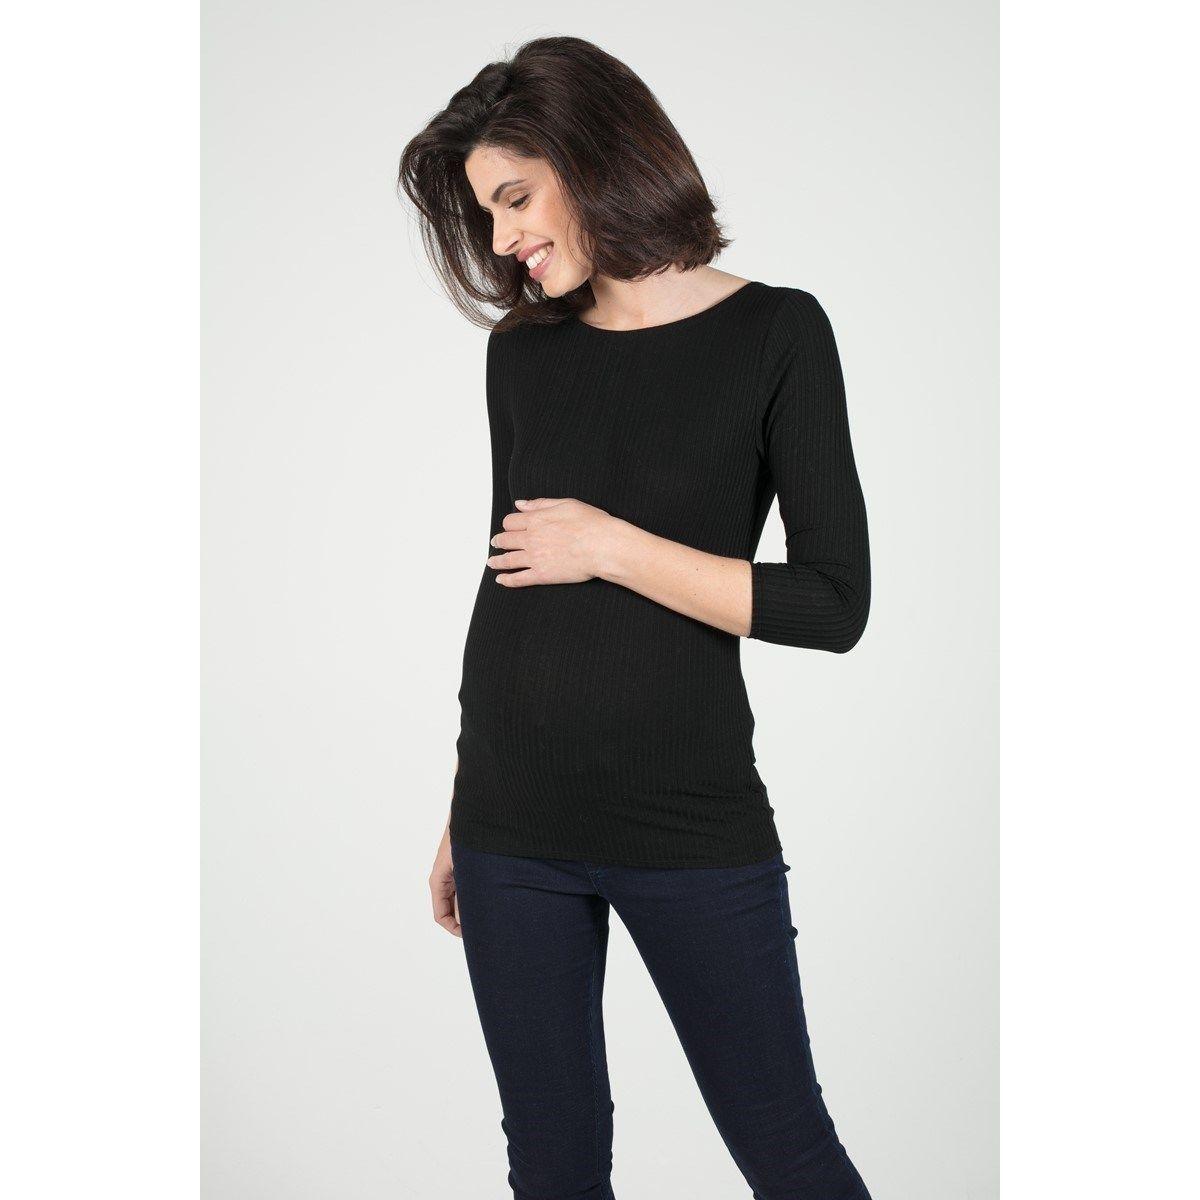 Top décolleté dos pendant après grossesse